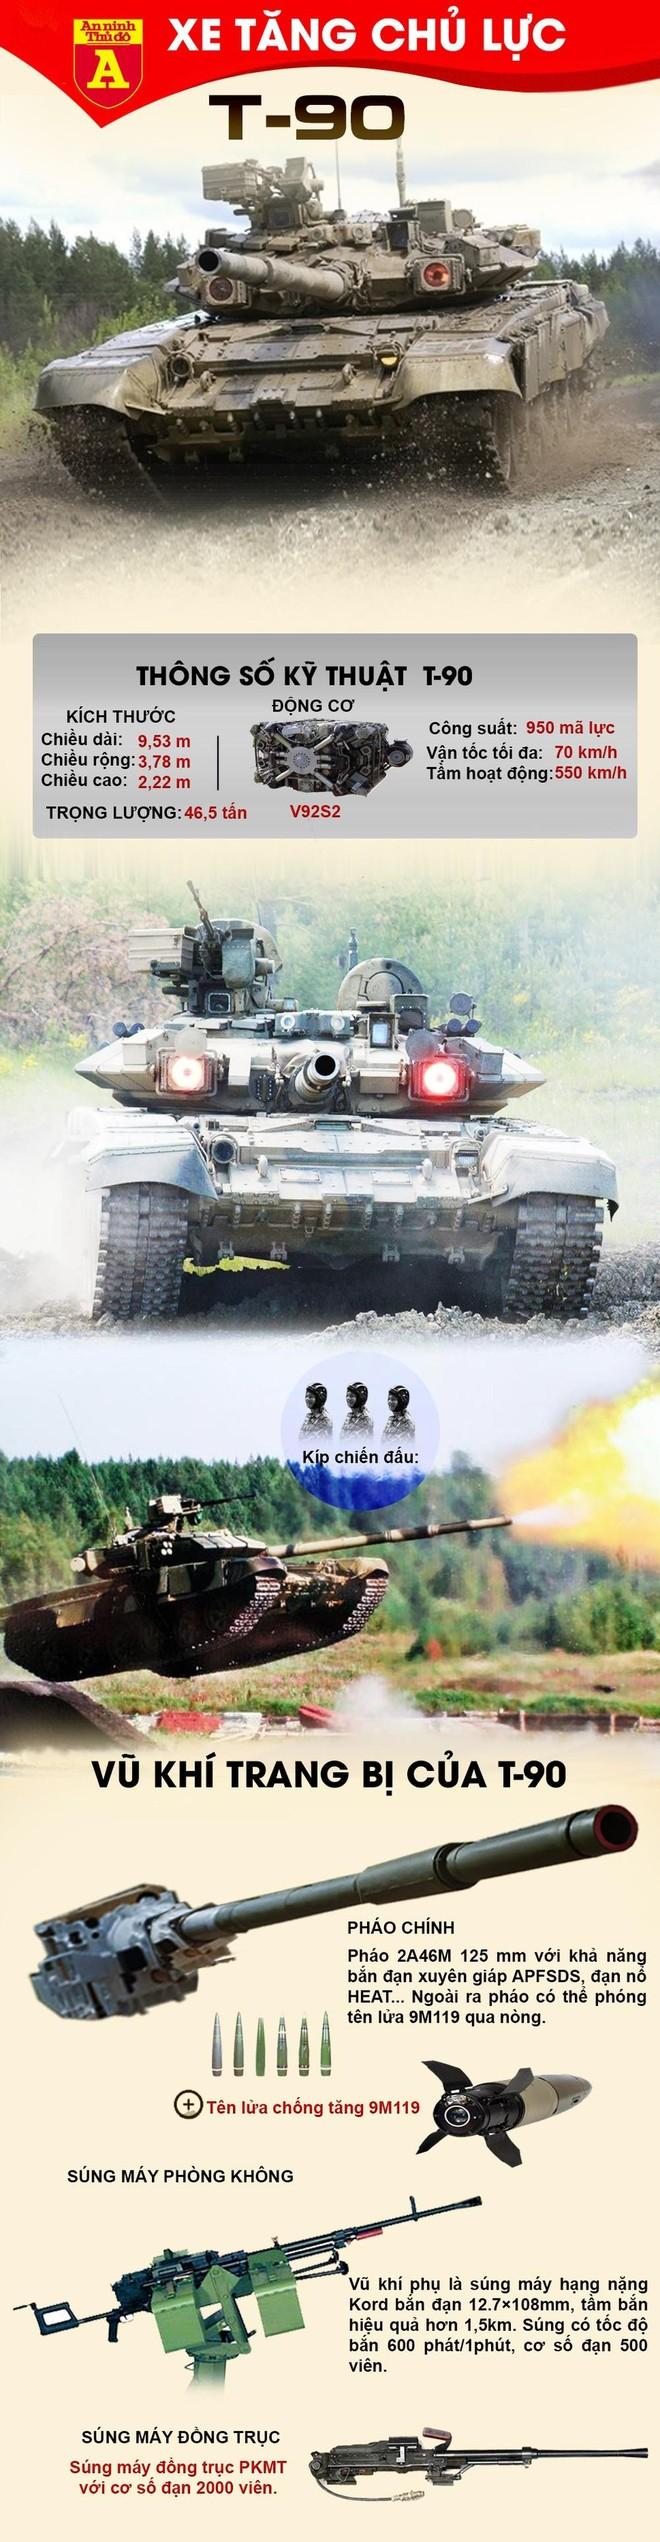 [Info] Myanmar mua xe tăng chủ lực T-90 từ Nga? ảnh 3